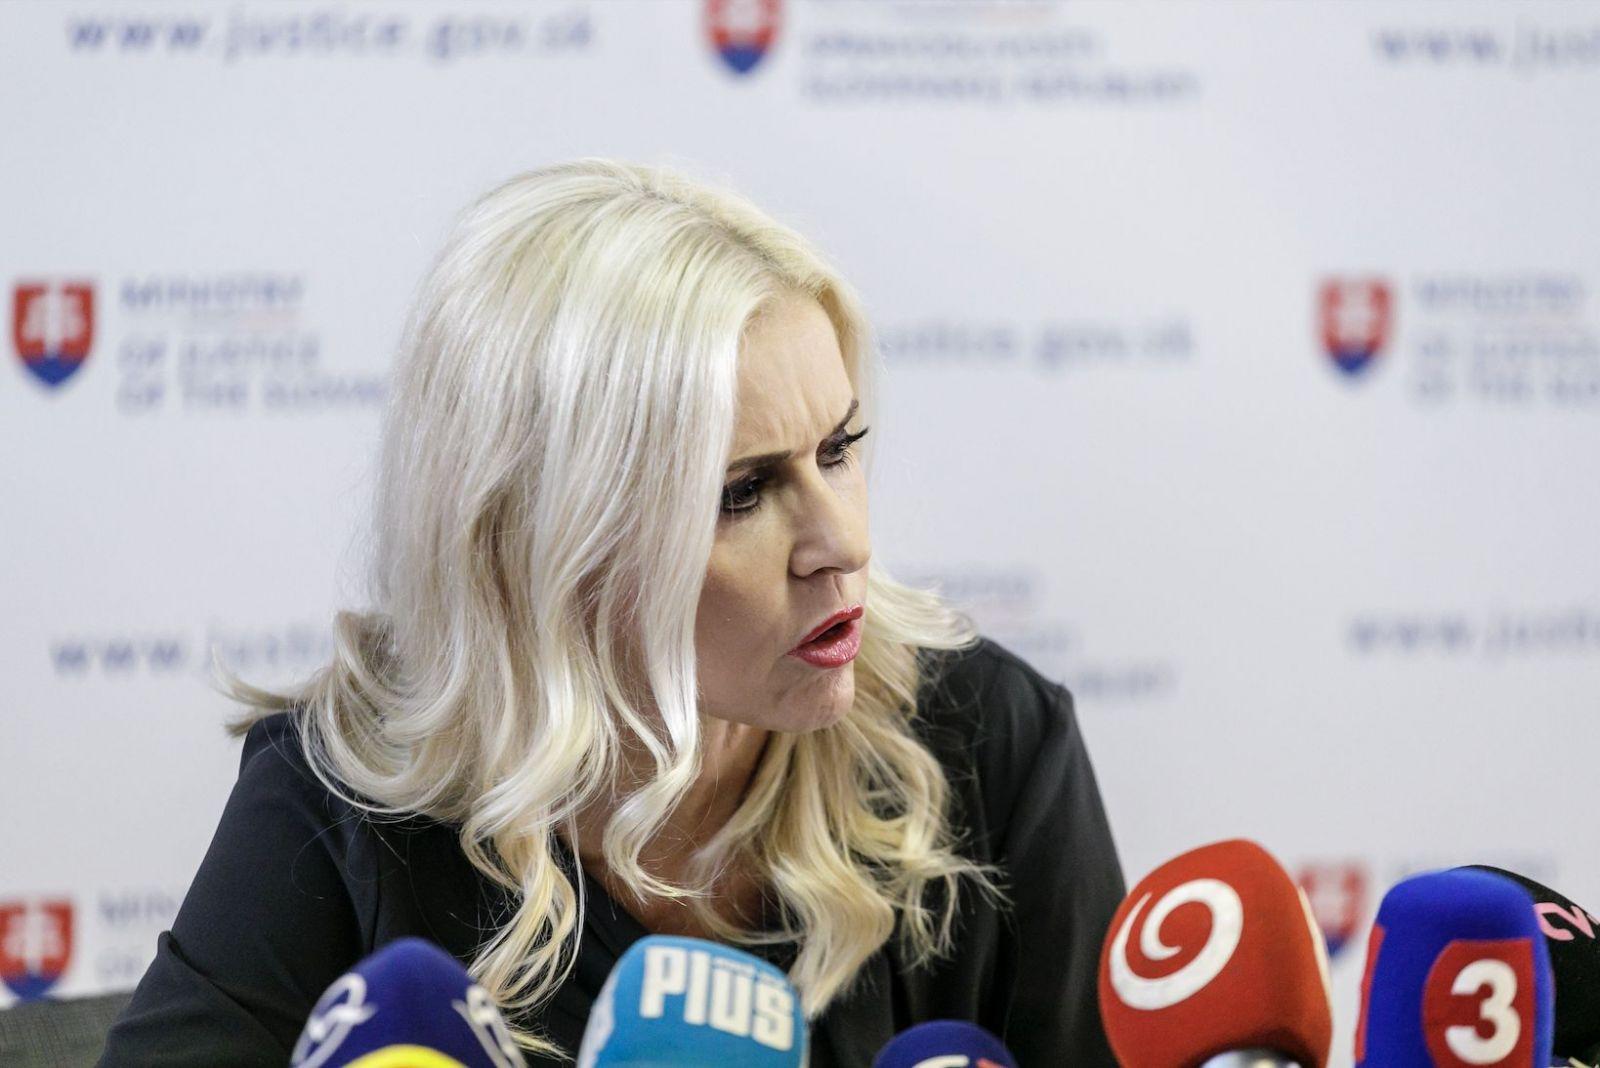 Polícia zasahuje u Moniky Jankovskej a viacerých sudcov. Razia je tiež u Norberta Bödora